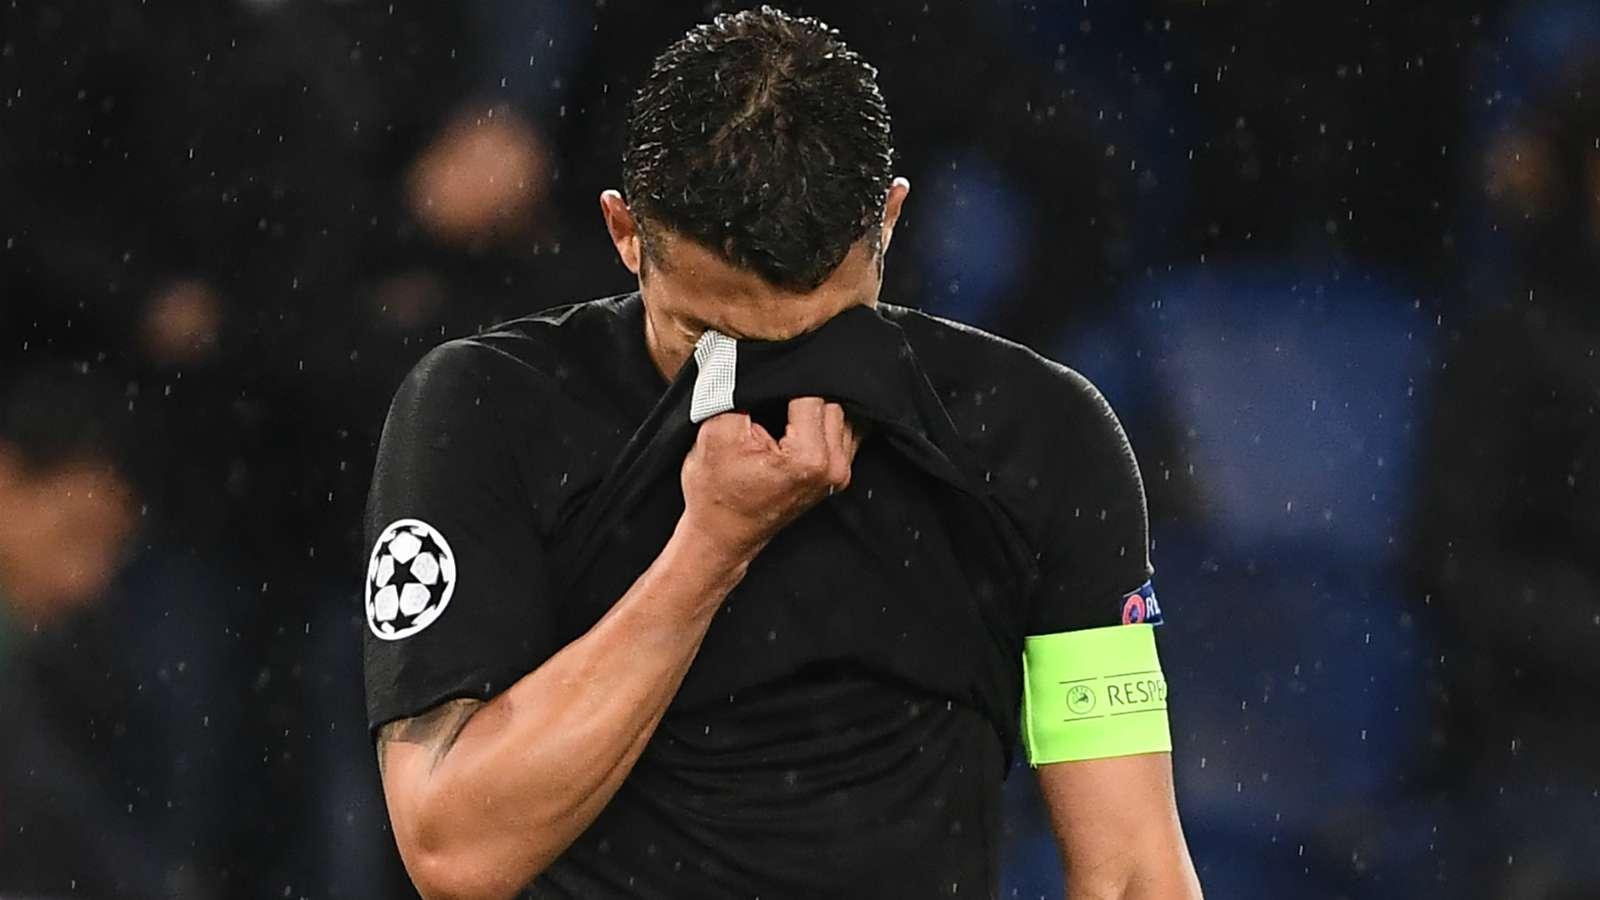 Round of 16 - Manchester United vs PSG - Page 21 Thiago-silva_1rvxxf0z53cm61rf7rl1c7ueda